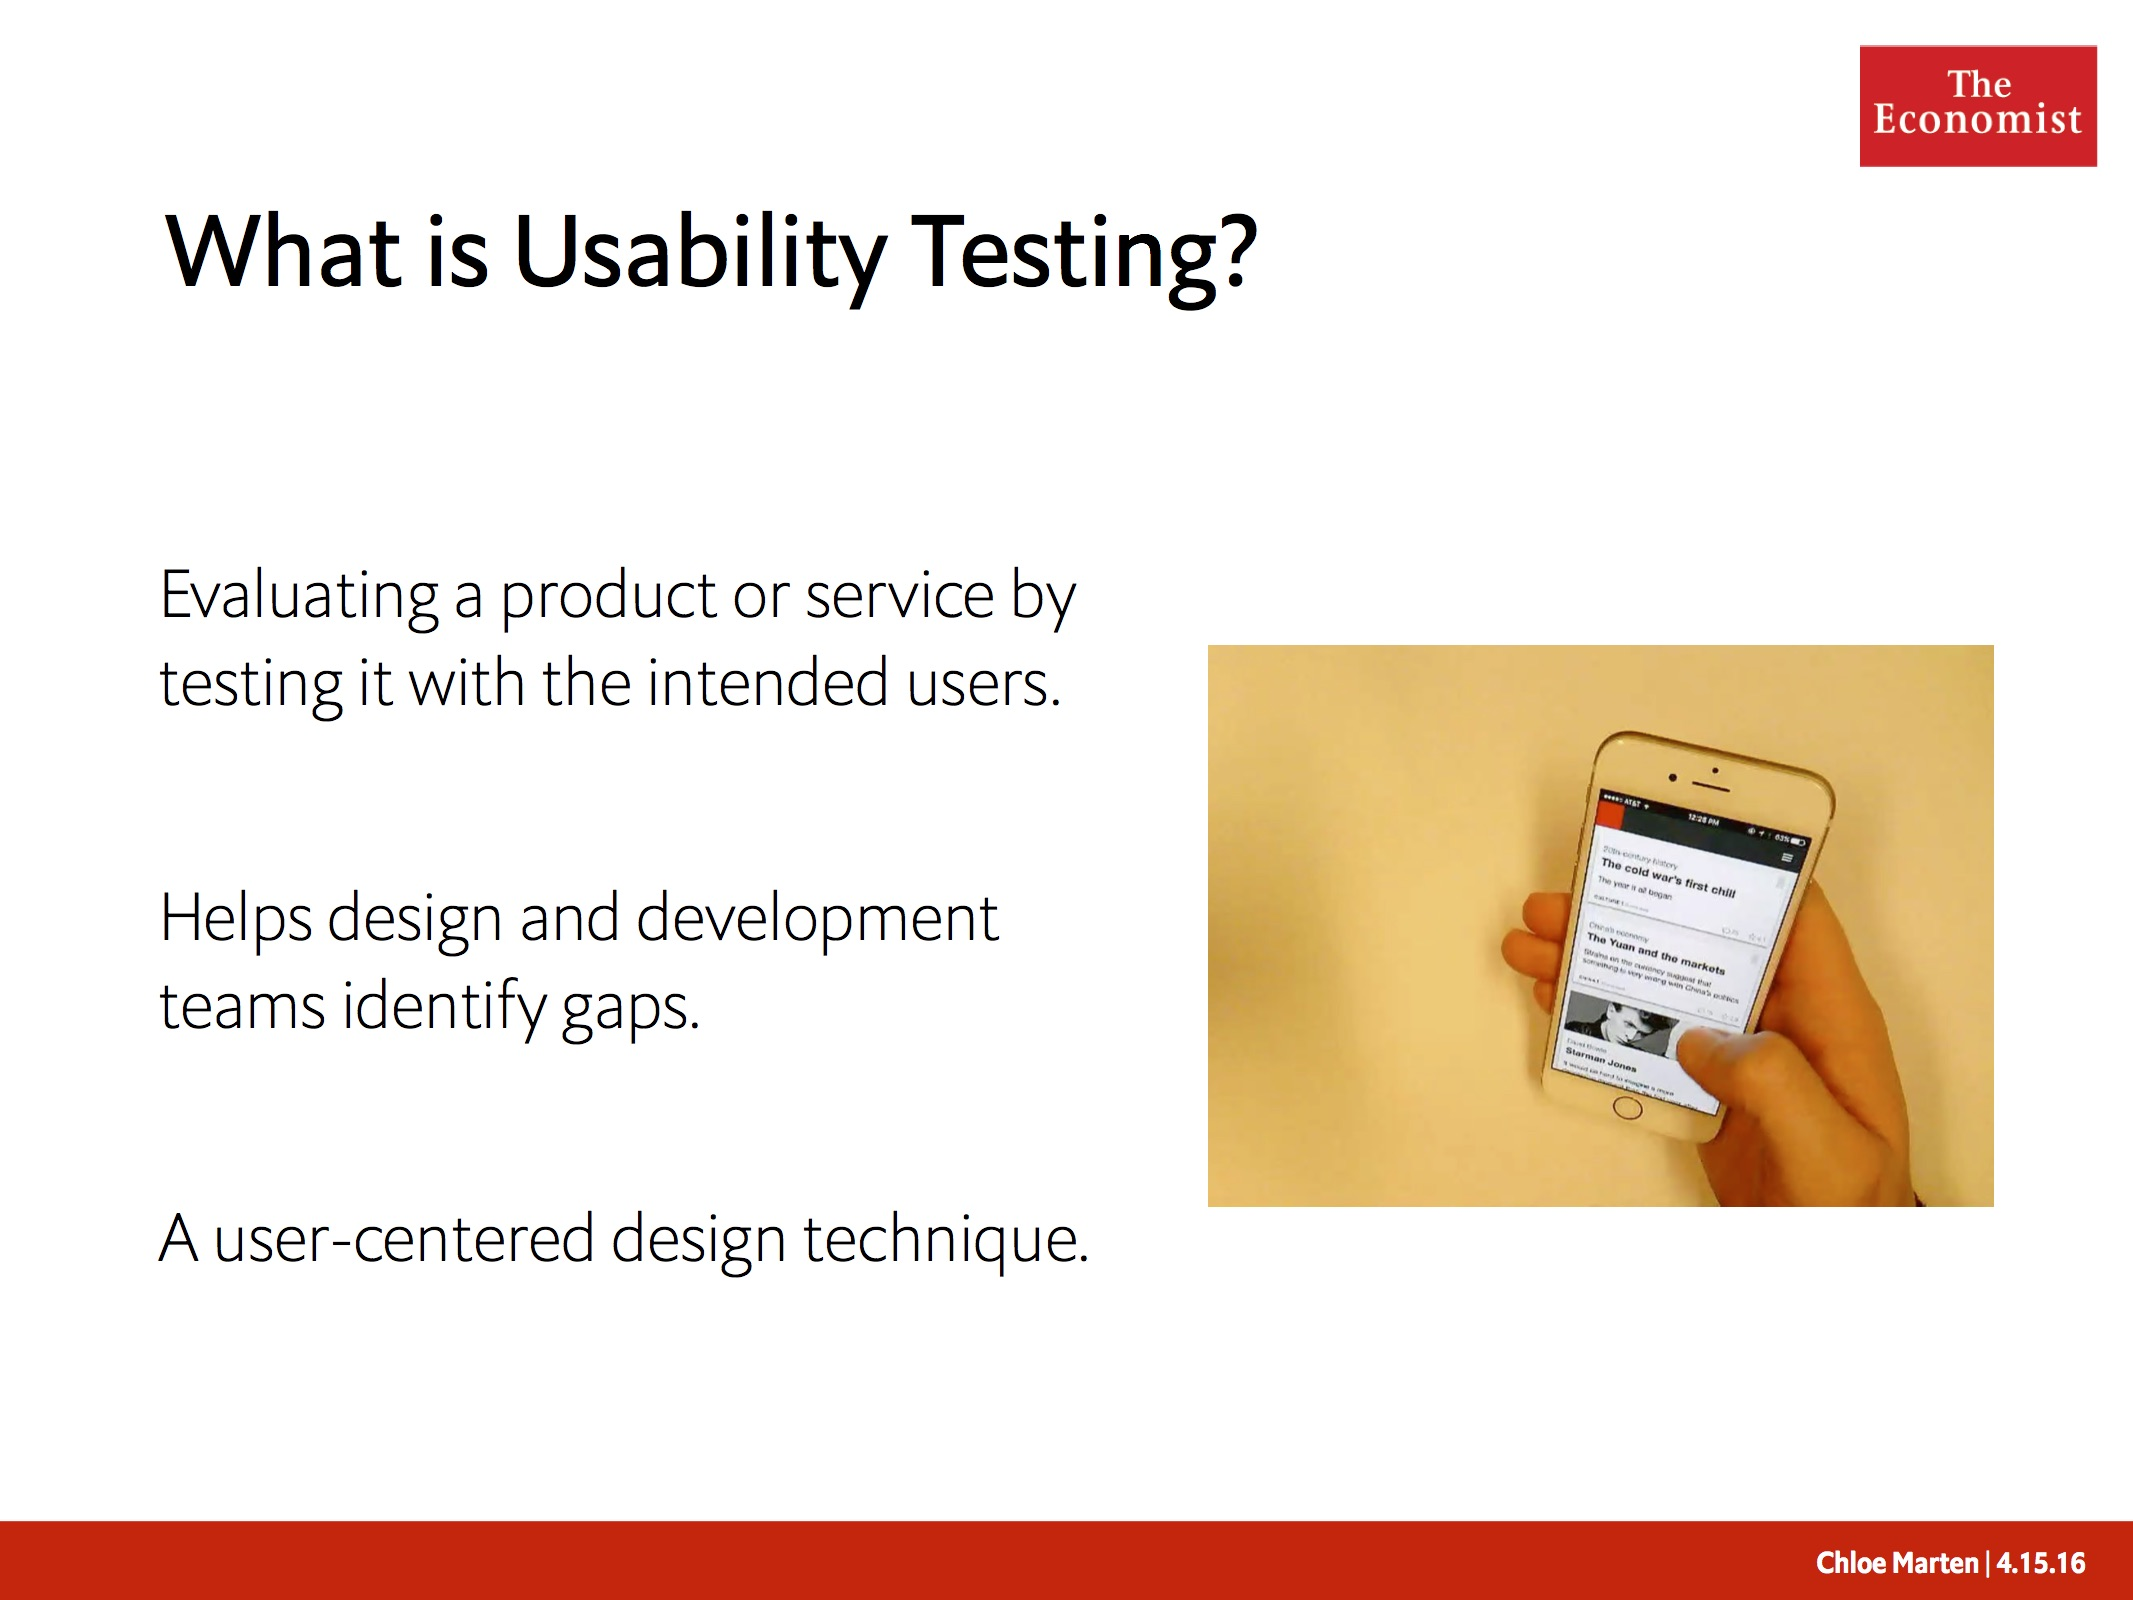 UTDD_Presentation3.jpg